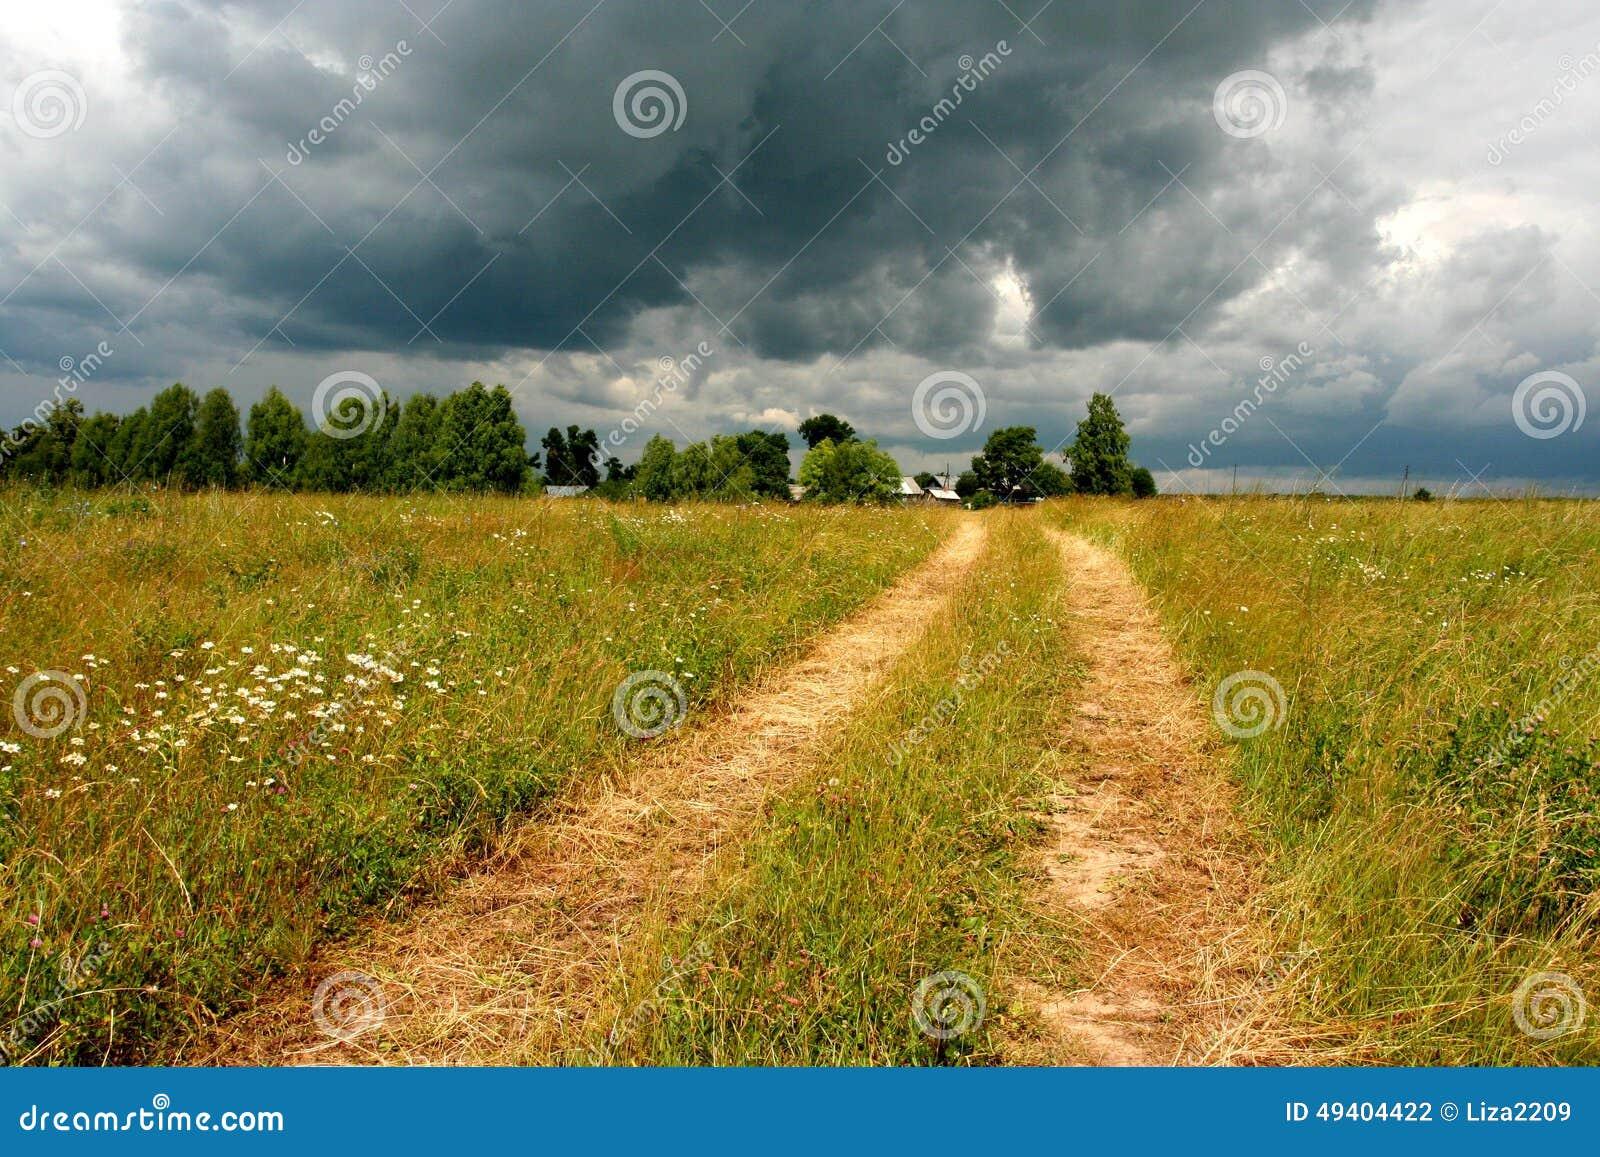 Download STRASSE Auf Dem GEBIET Mit DUNKLEN WOLKEN Im HINTERGRUND Stockfoto - Bild von dorf, himmel: 49404422